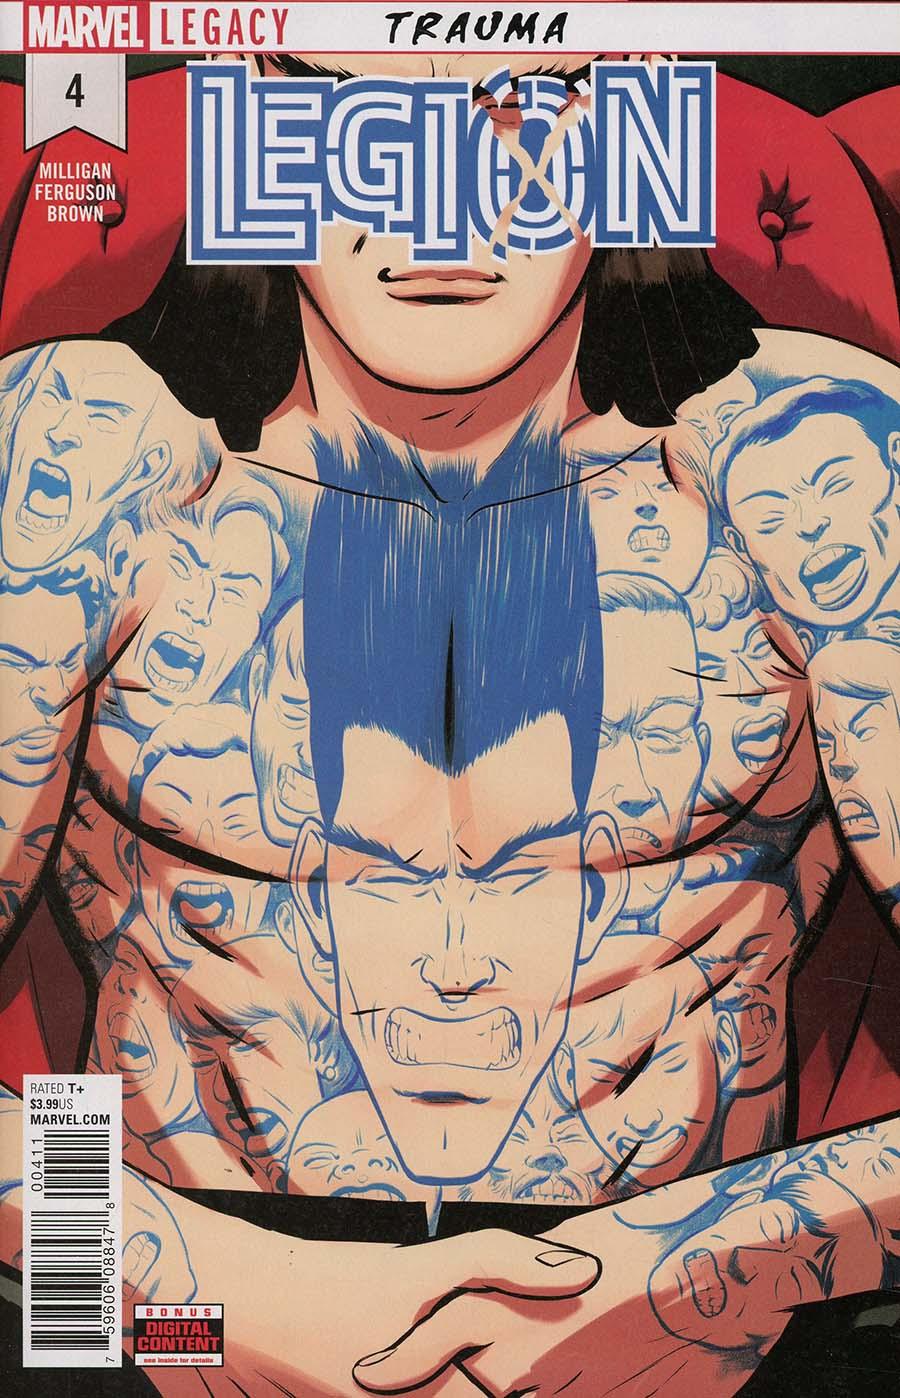 Legion (Marvel) #4